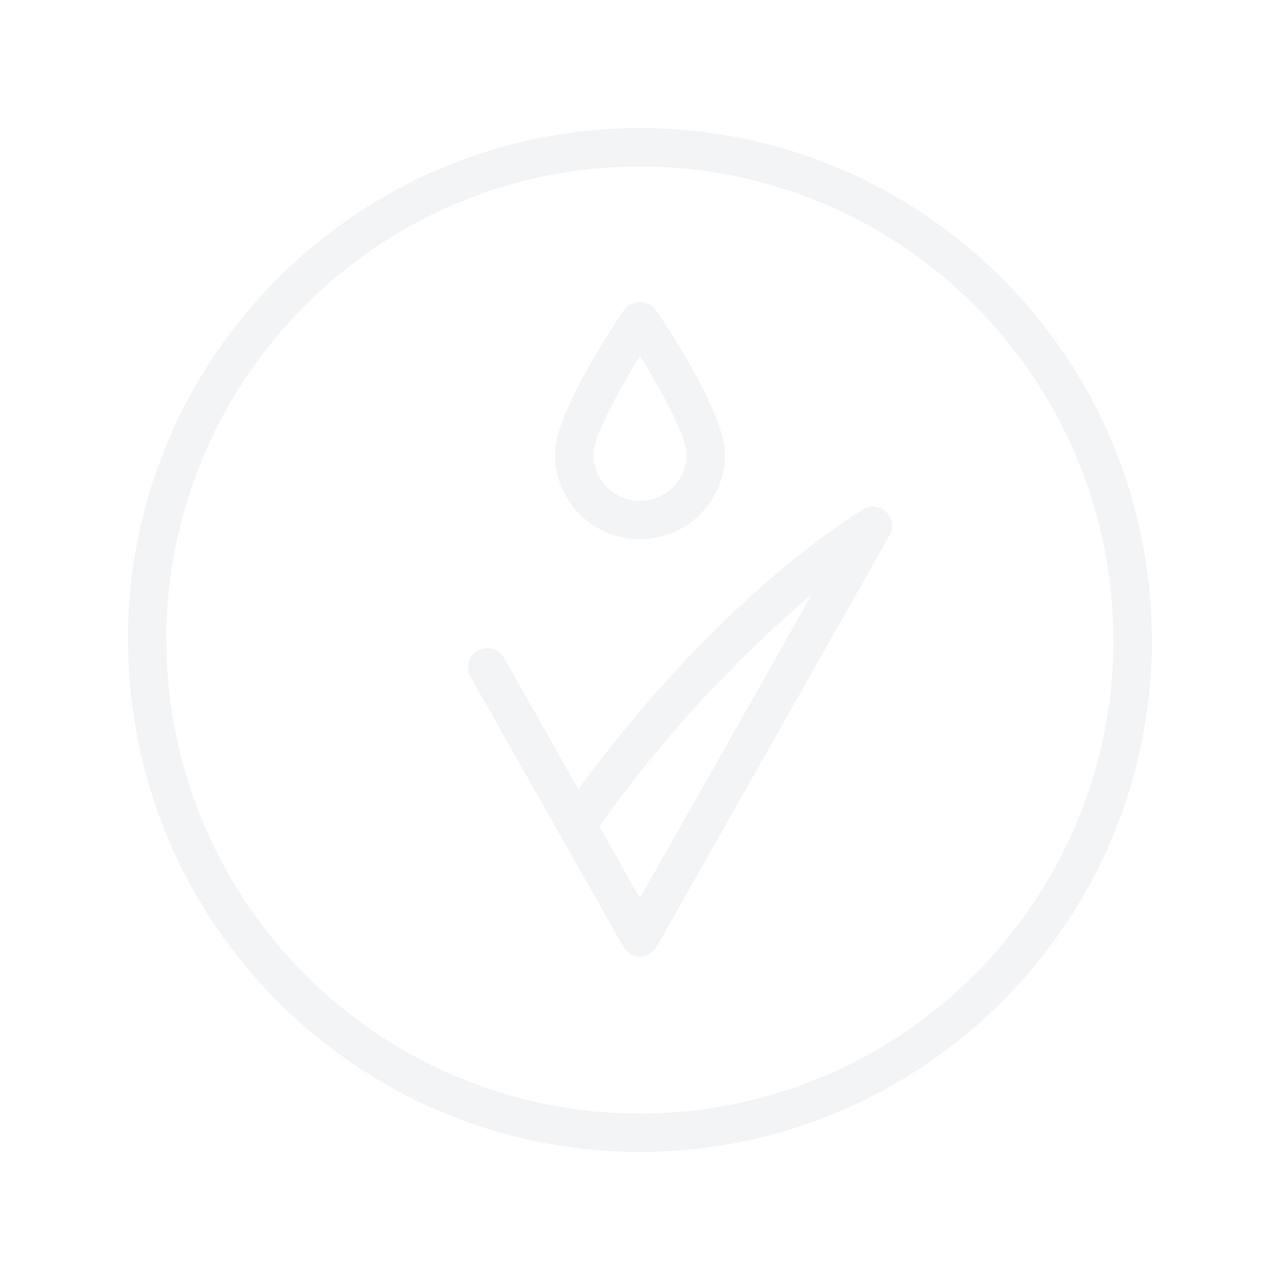 JANE IREDALE Rose Gold The Handi Brush